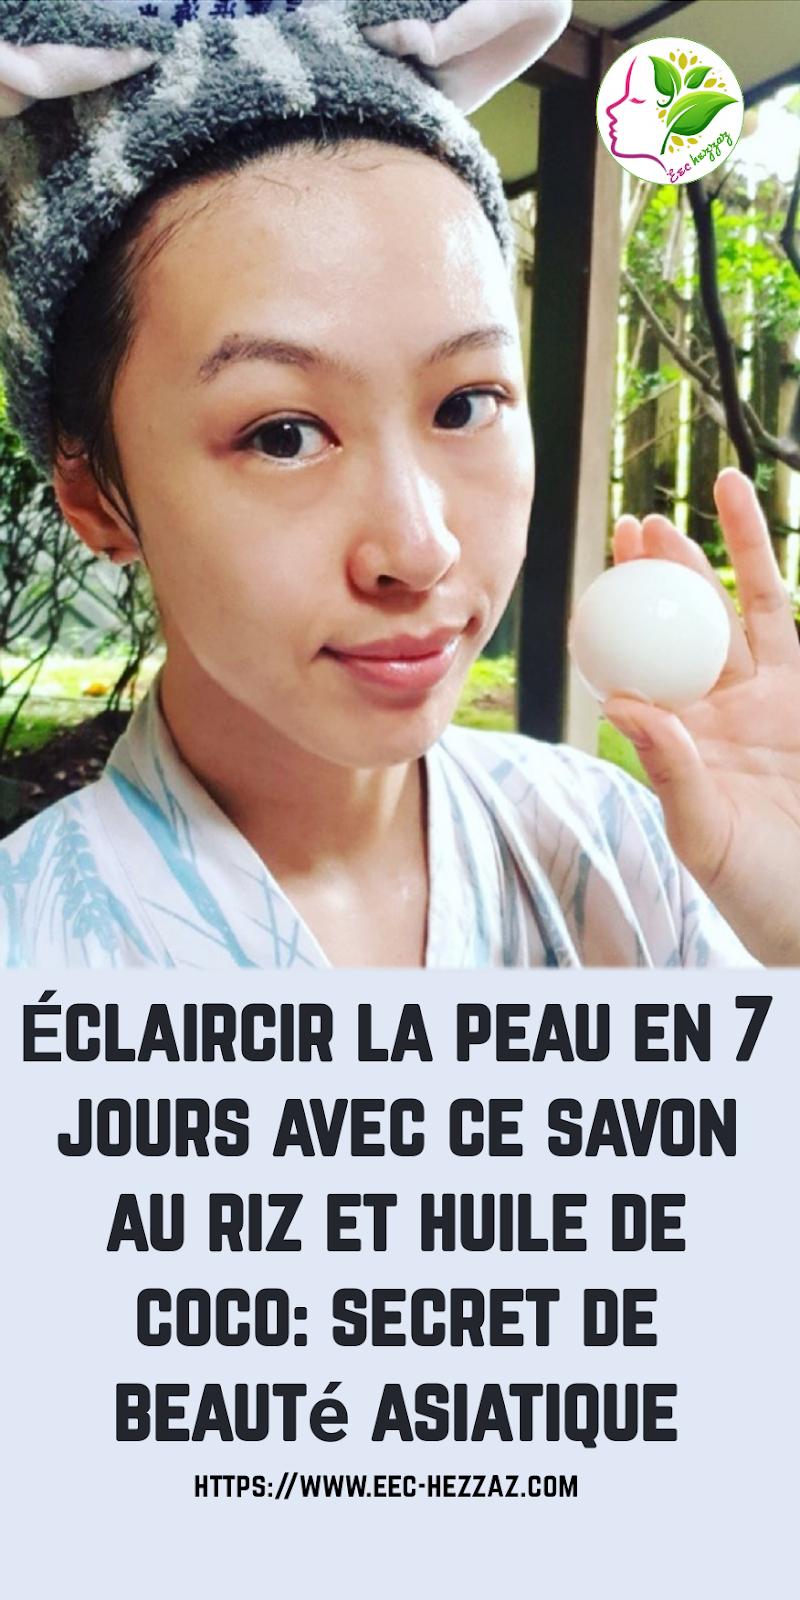 Éclaircir la peau en 7 jours avec ce savon au riz et huile de coco: secret de beauté asiatique